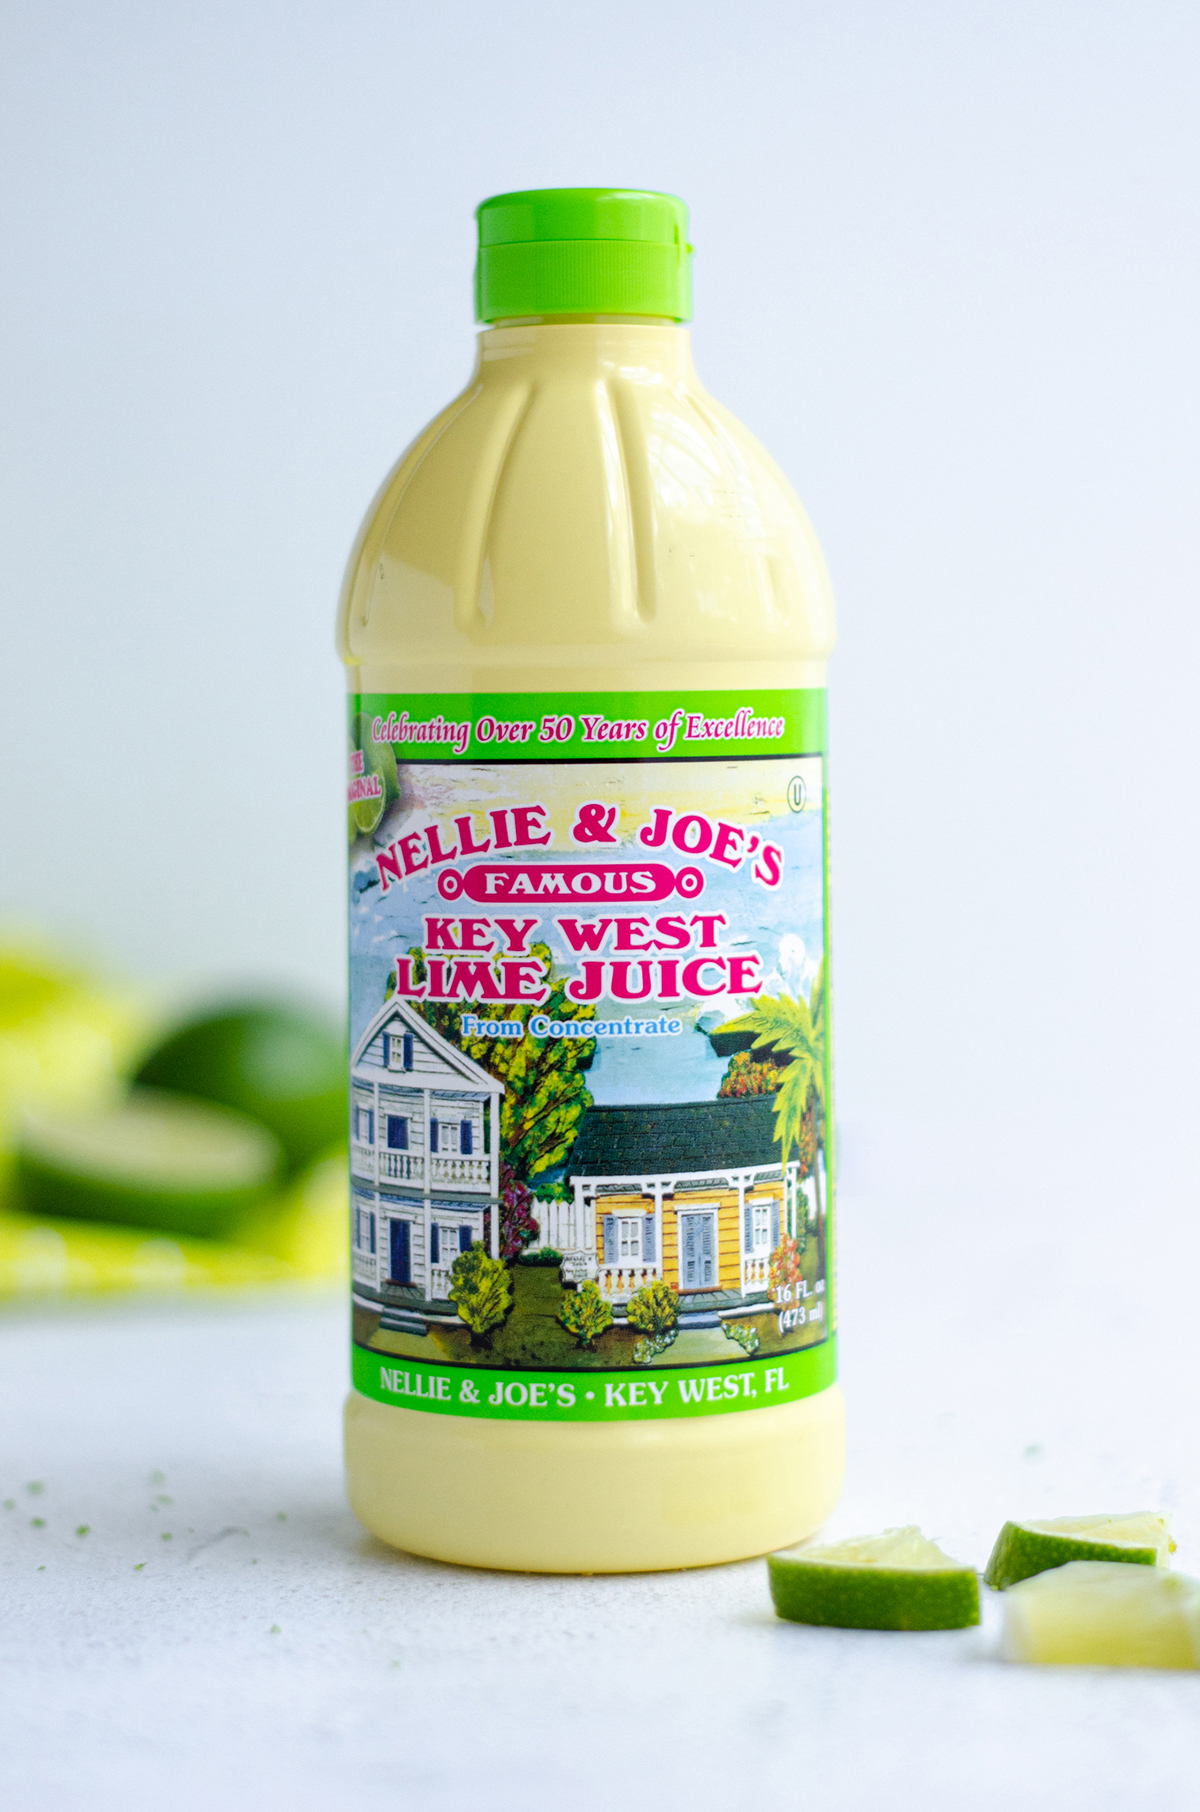 bottle of key lime juice